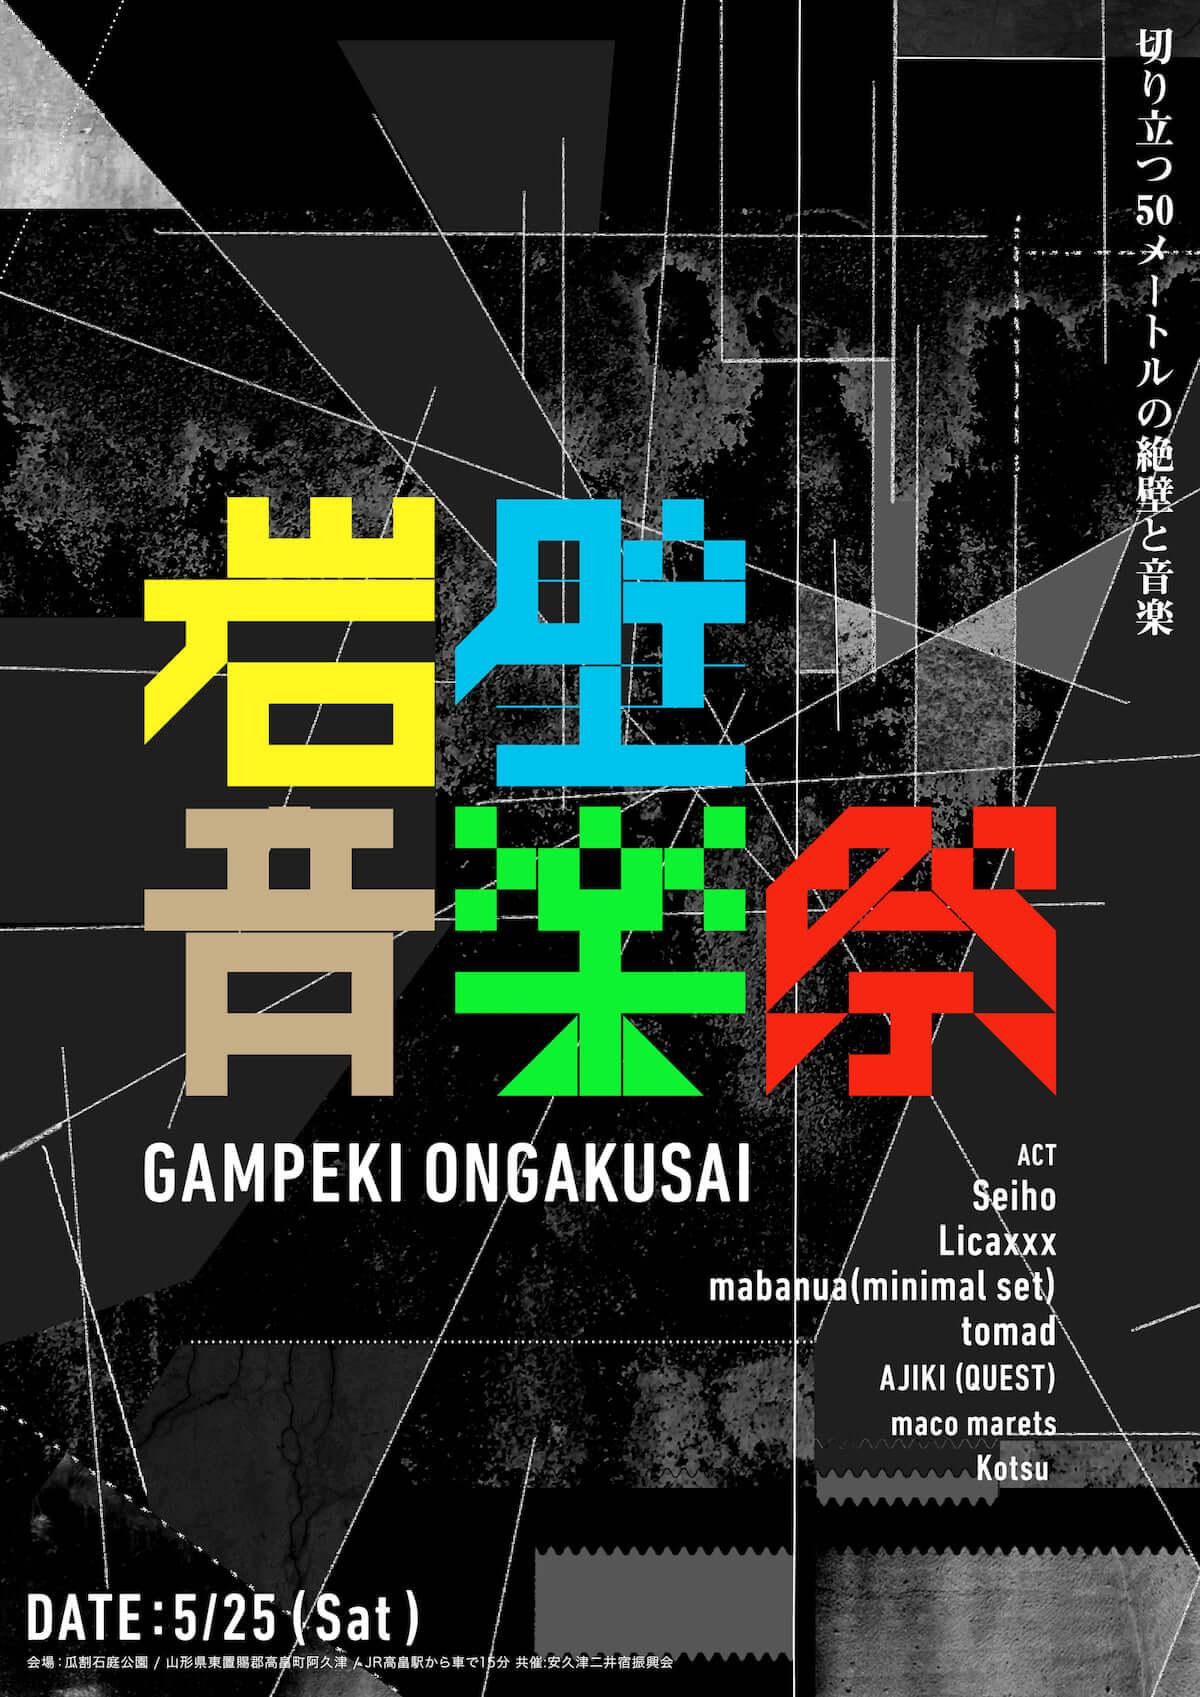 高さ50mの絶壁で新野外フェス|Licaxxx、mabanua、Seiho、tomadらが<岩壁音楽祭>に出演決定 mu190226-ganpeki8-1200x1697